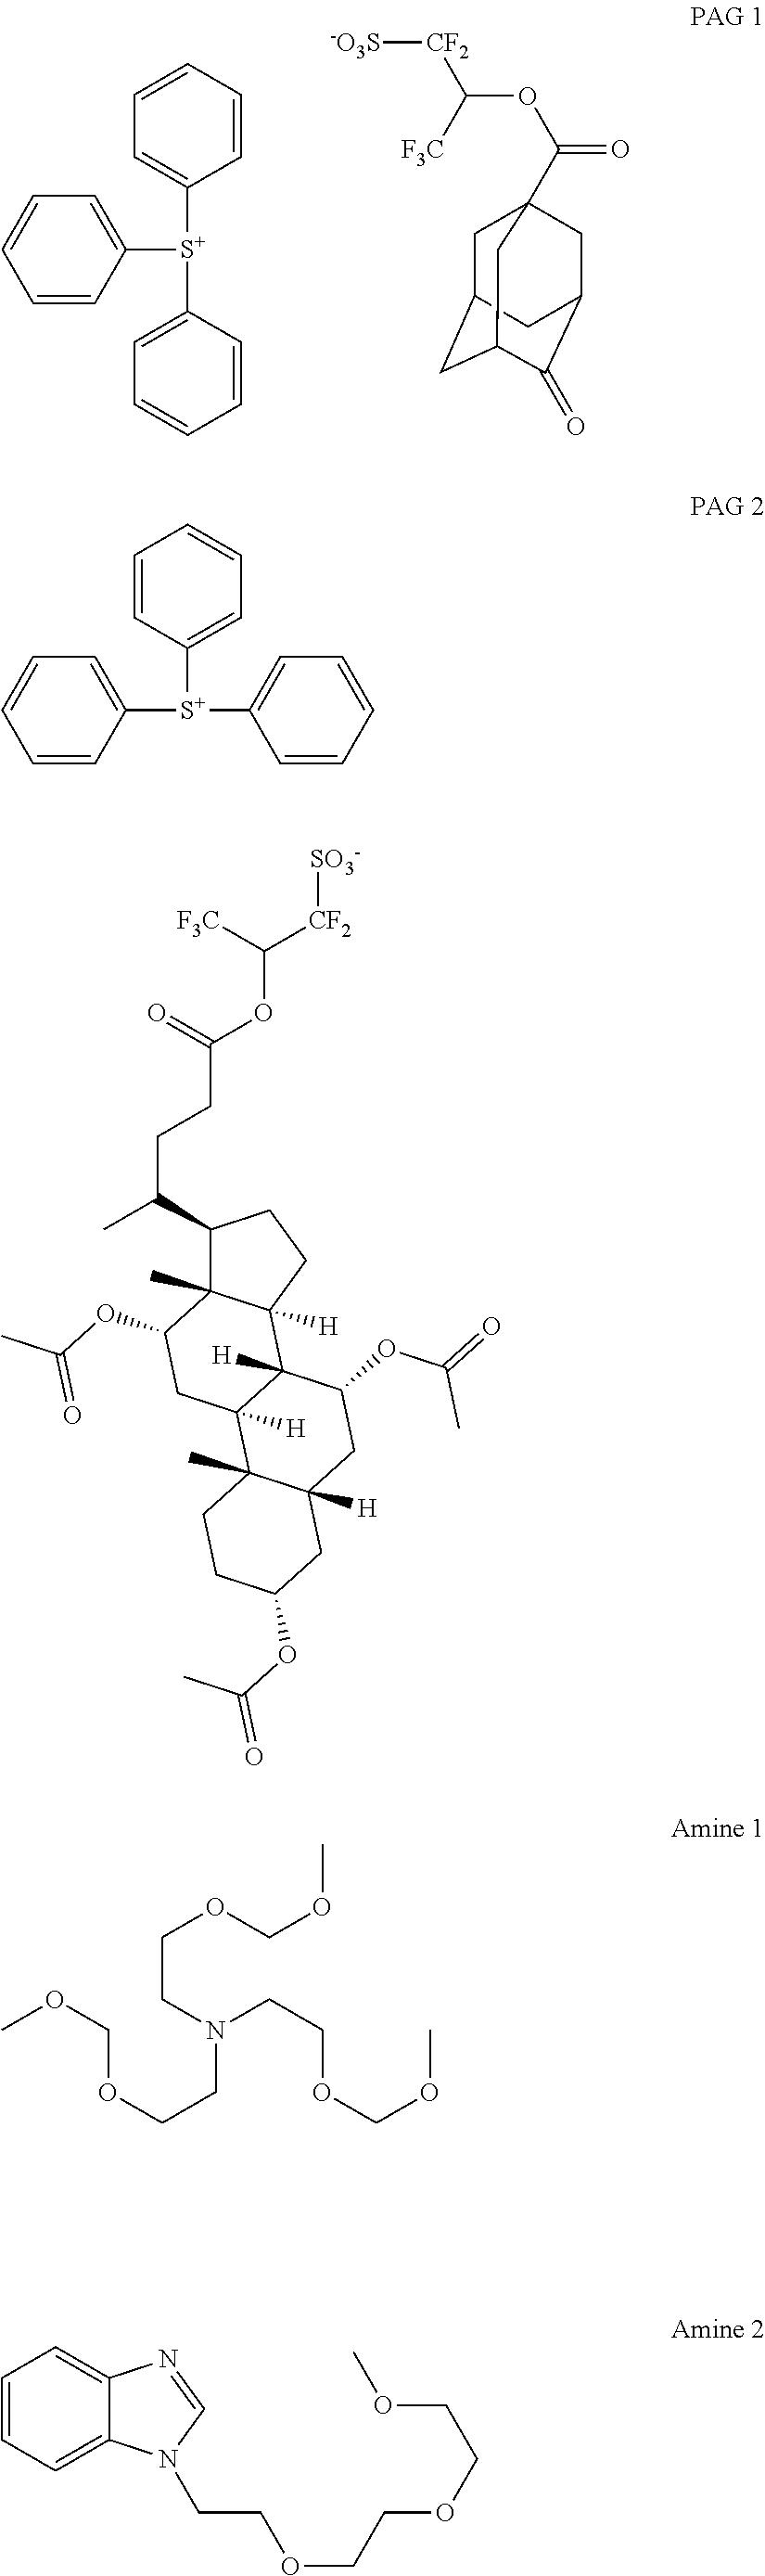 Figure US20110294070A1-20111201-C00113